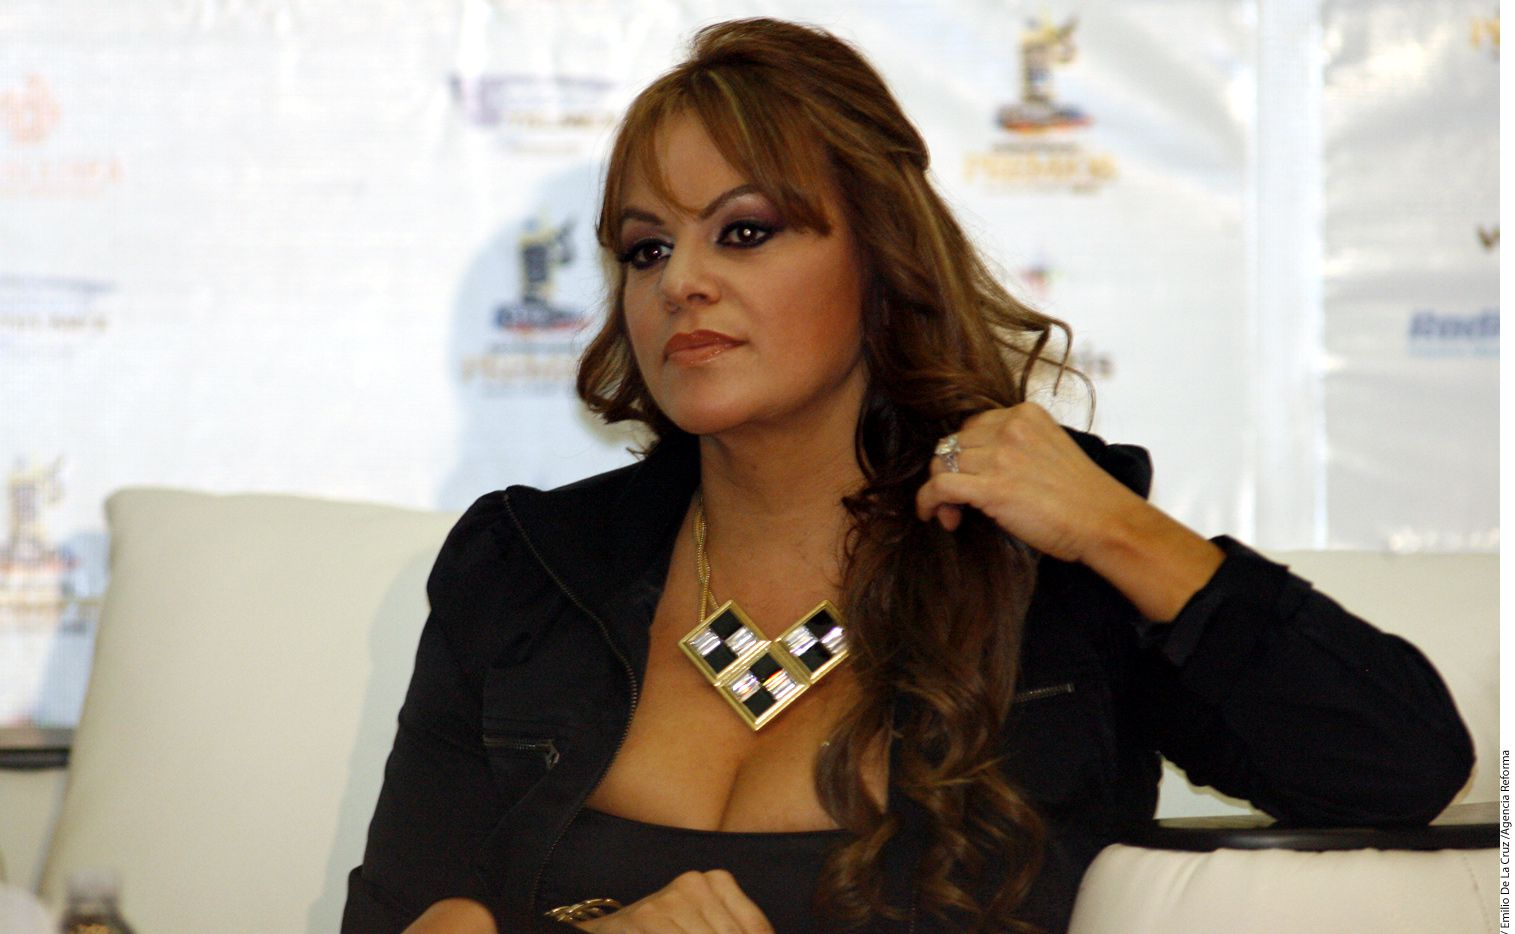 Meses antes de su muerte accidental, Jenny Rivera recibió amenazas de muerte por parte de un cártel del crimen organizado, de acuerdo al FBI.